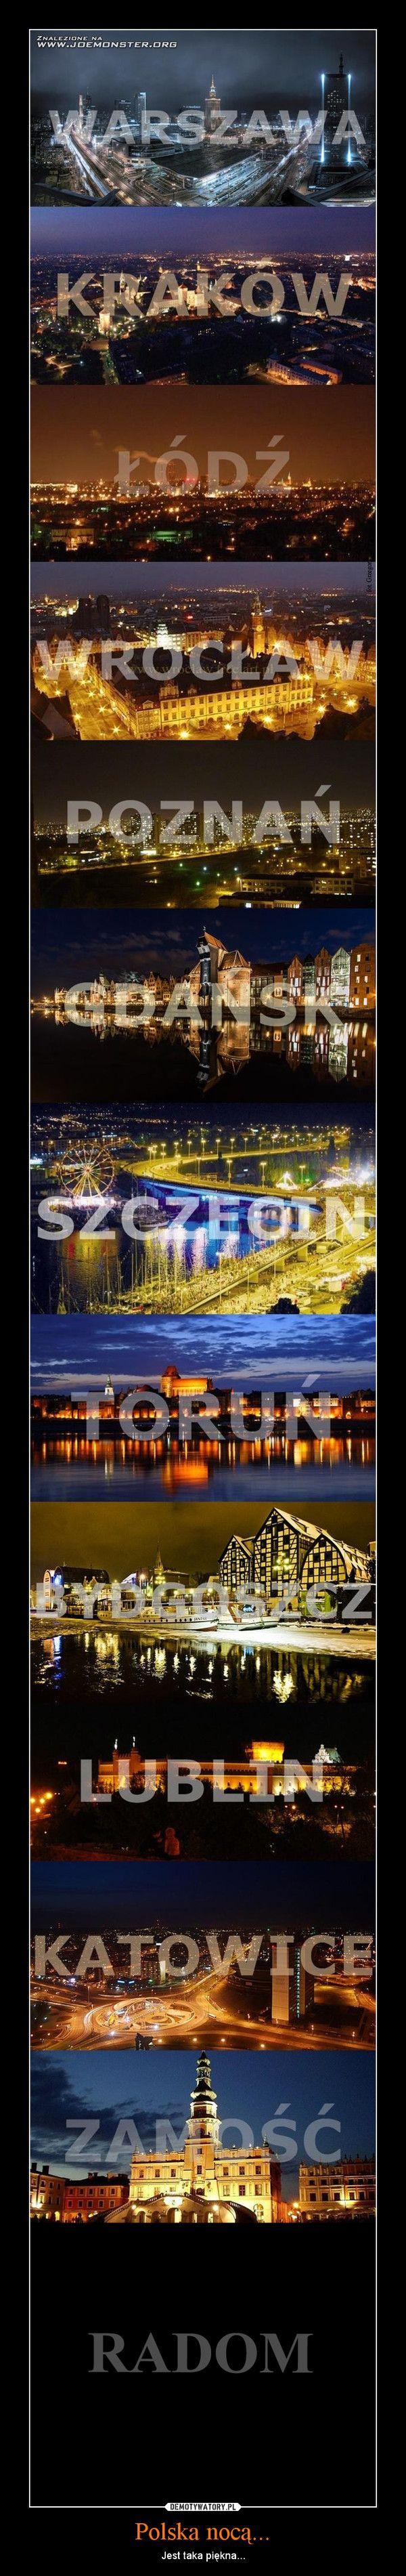 Polish cities (Poznan, Krakow, Warsaw, Wroclaw, Szczecin among others) by night. #poznan #krakow #warsaw #wroclaw #szczecin #katowice #lodz #gdansk #torun #bydgoszcz #city